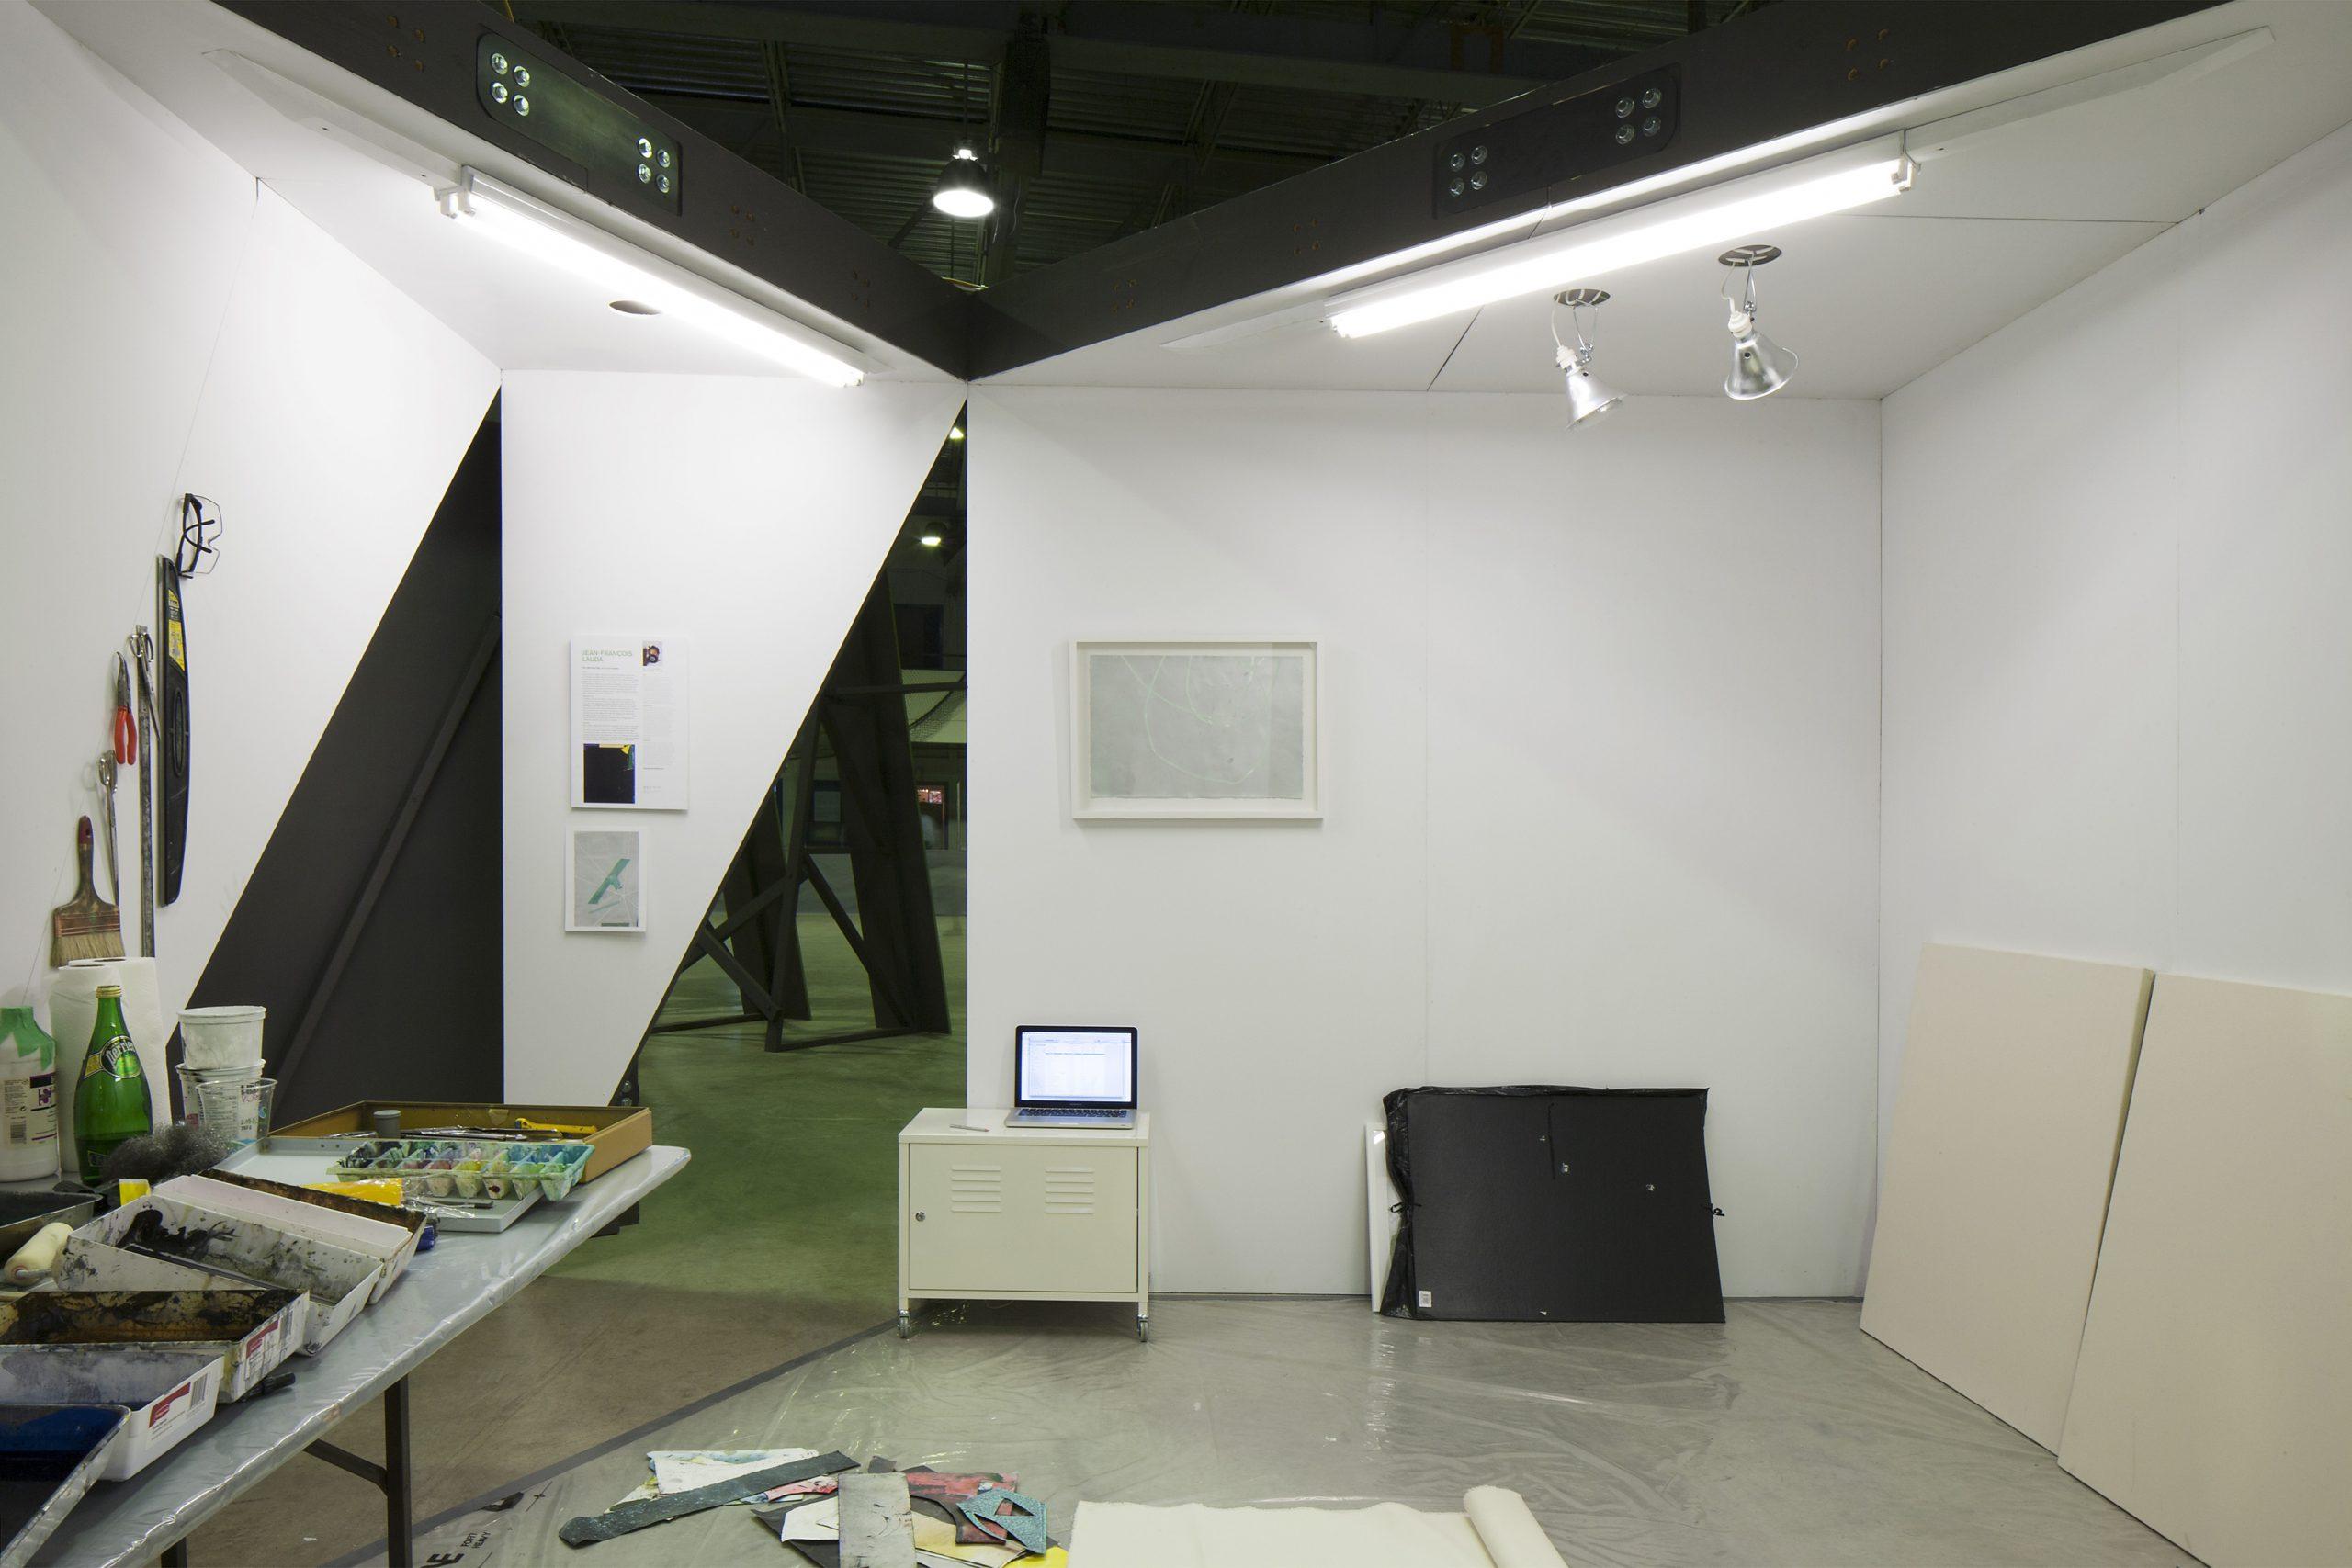 Symposium international d'art contemporain de Baie-Saint-Paul Cecobois 3